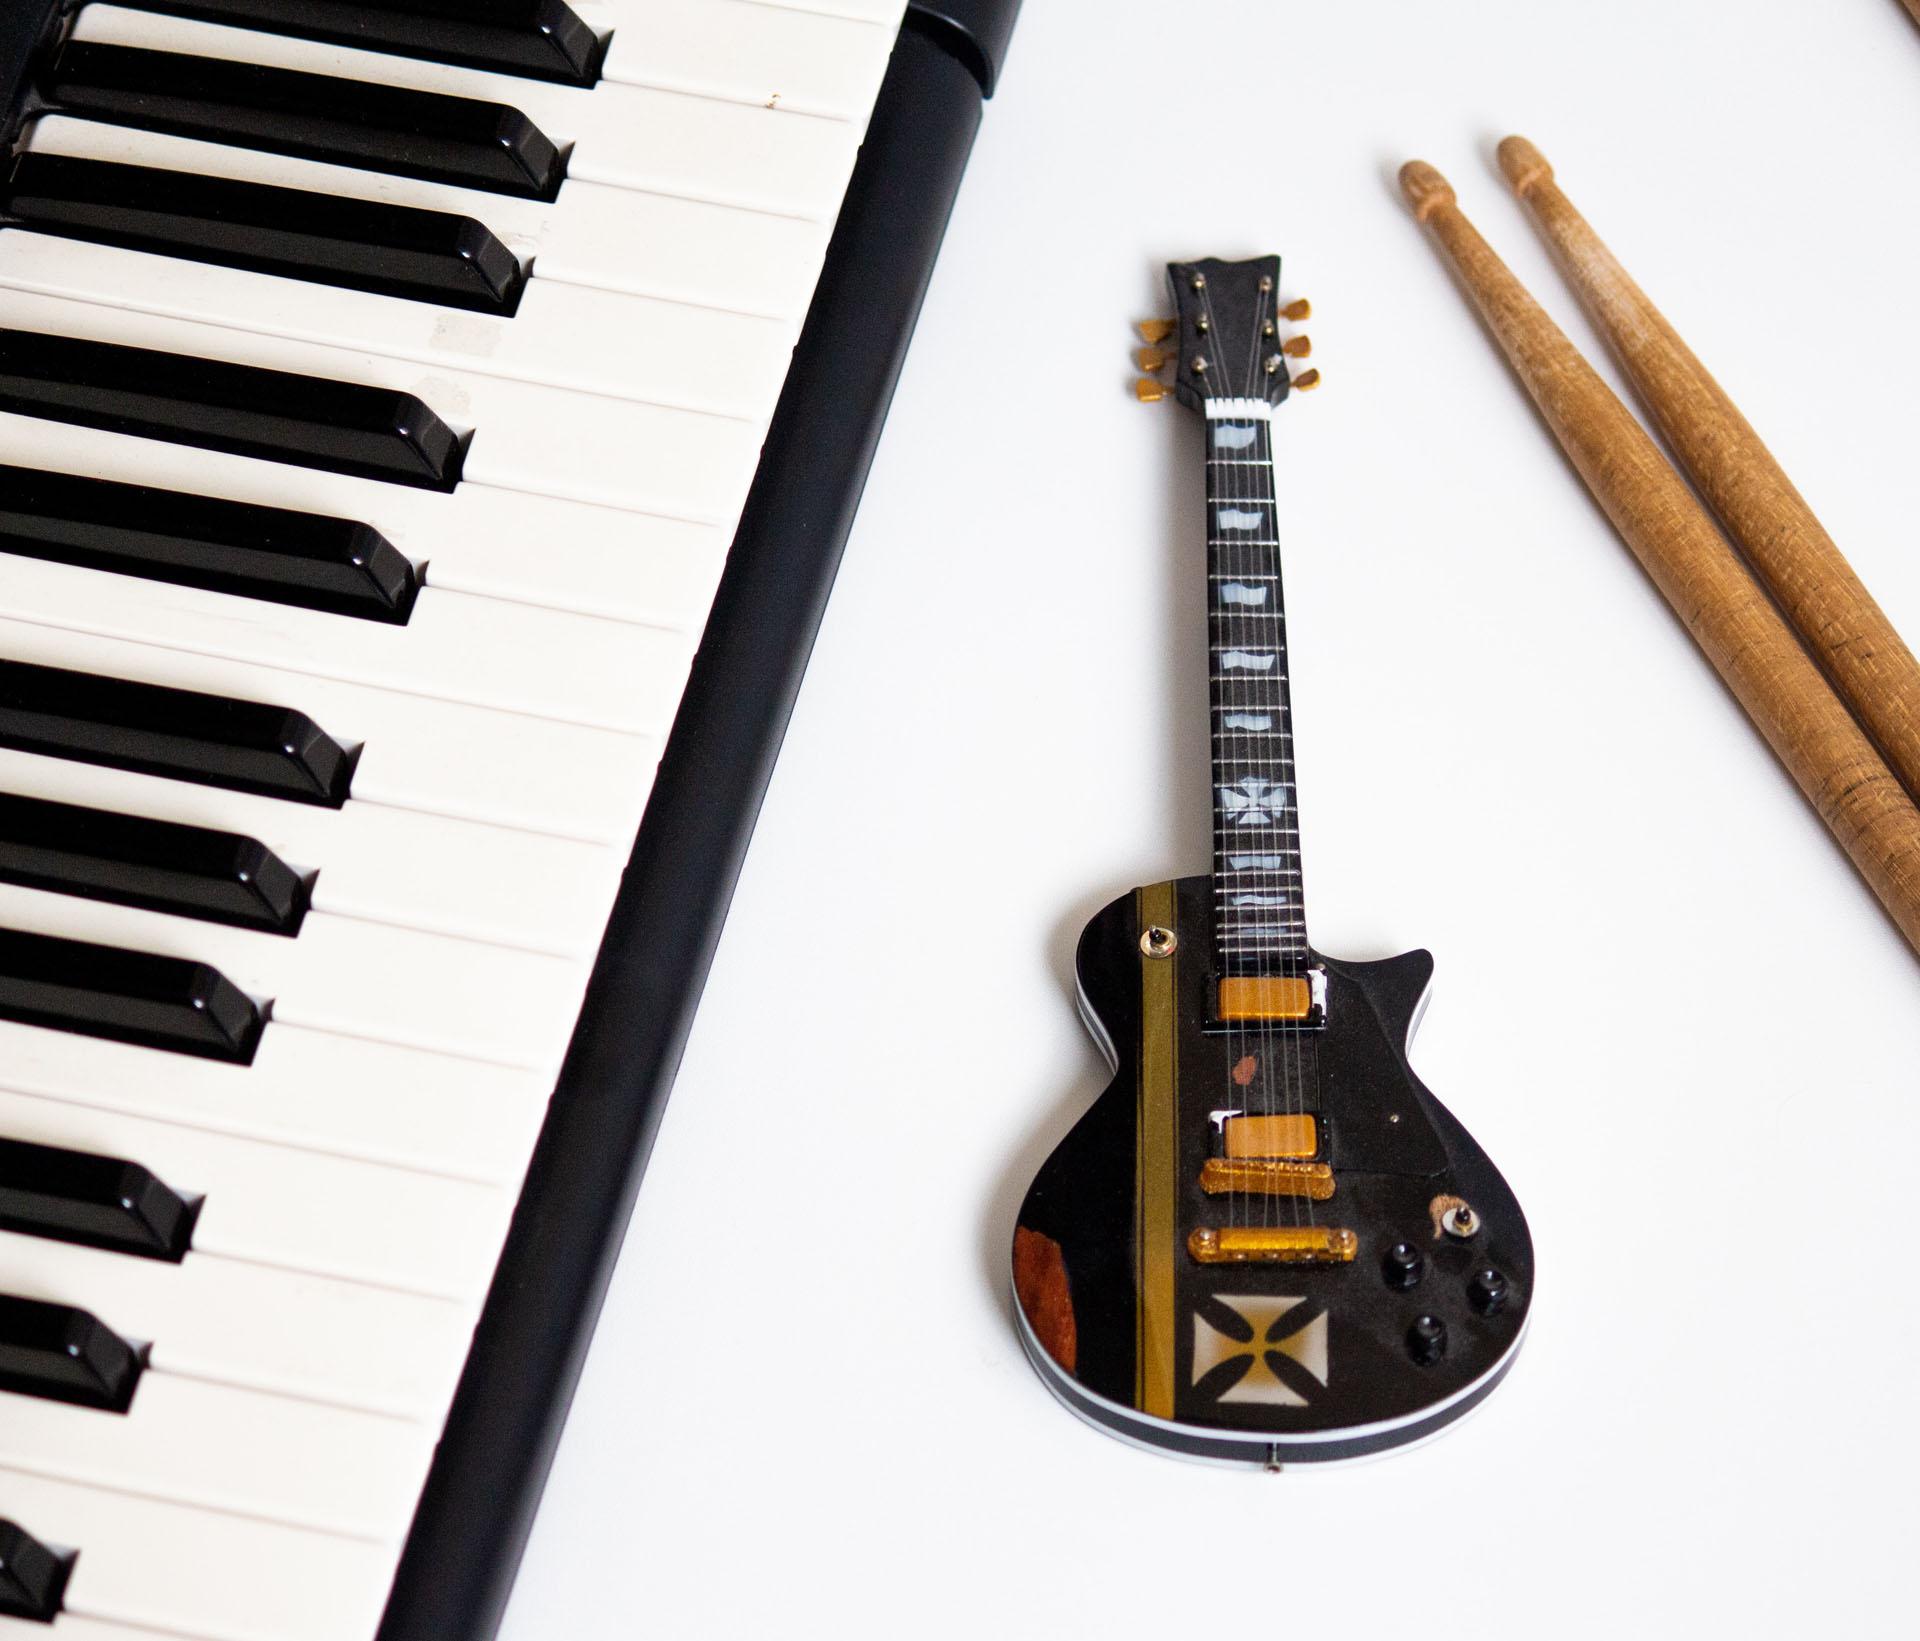 Bild på gitarr och piano